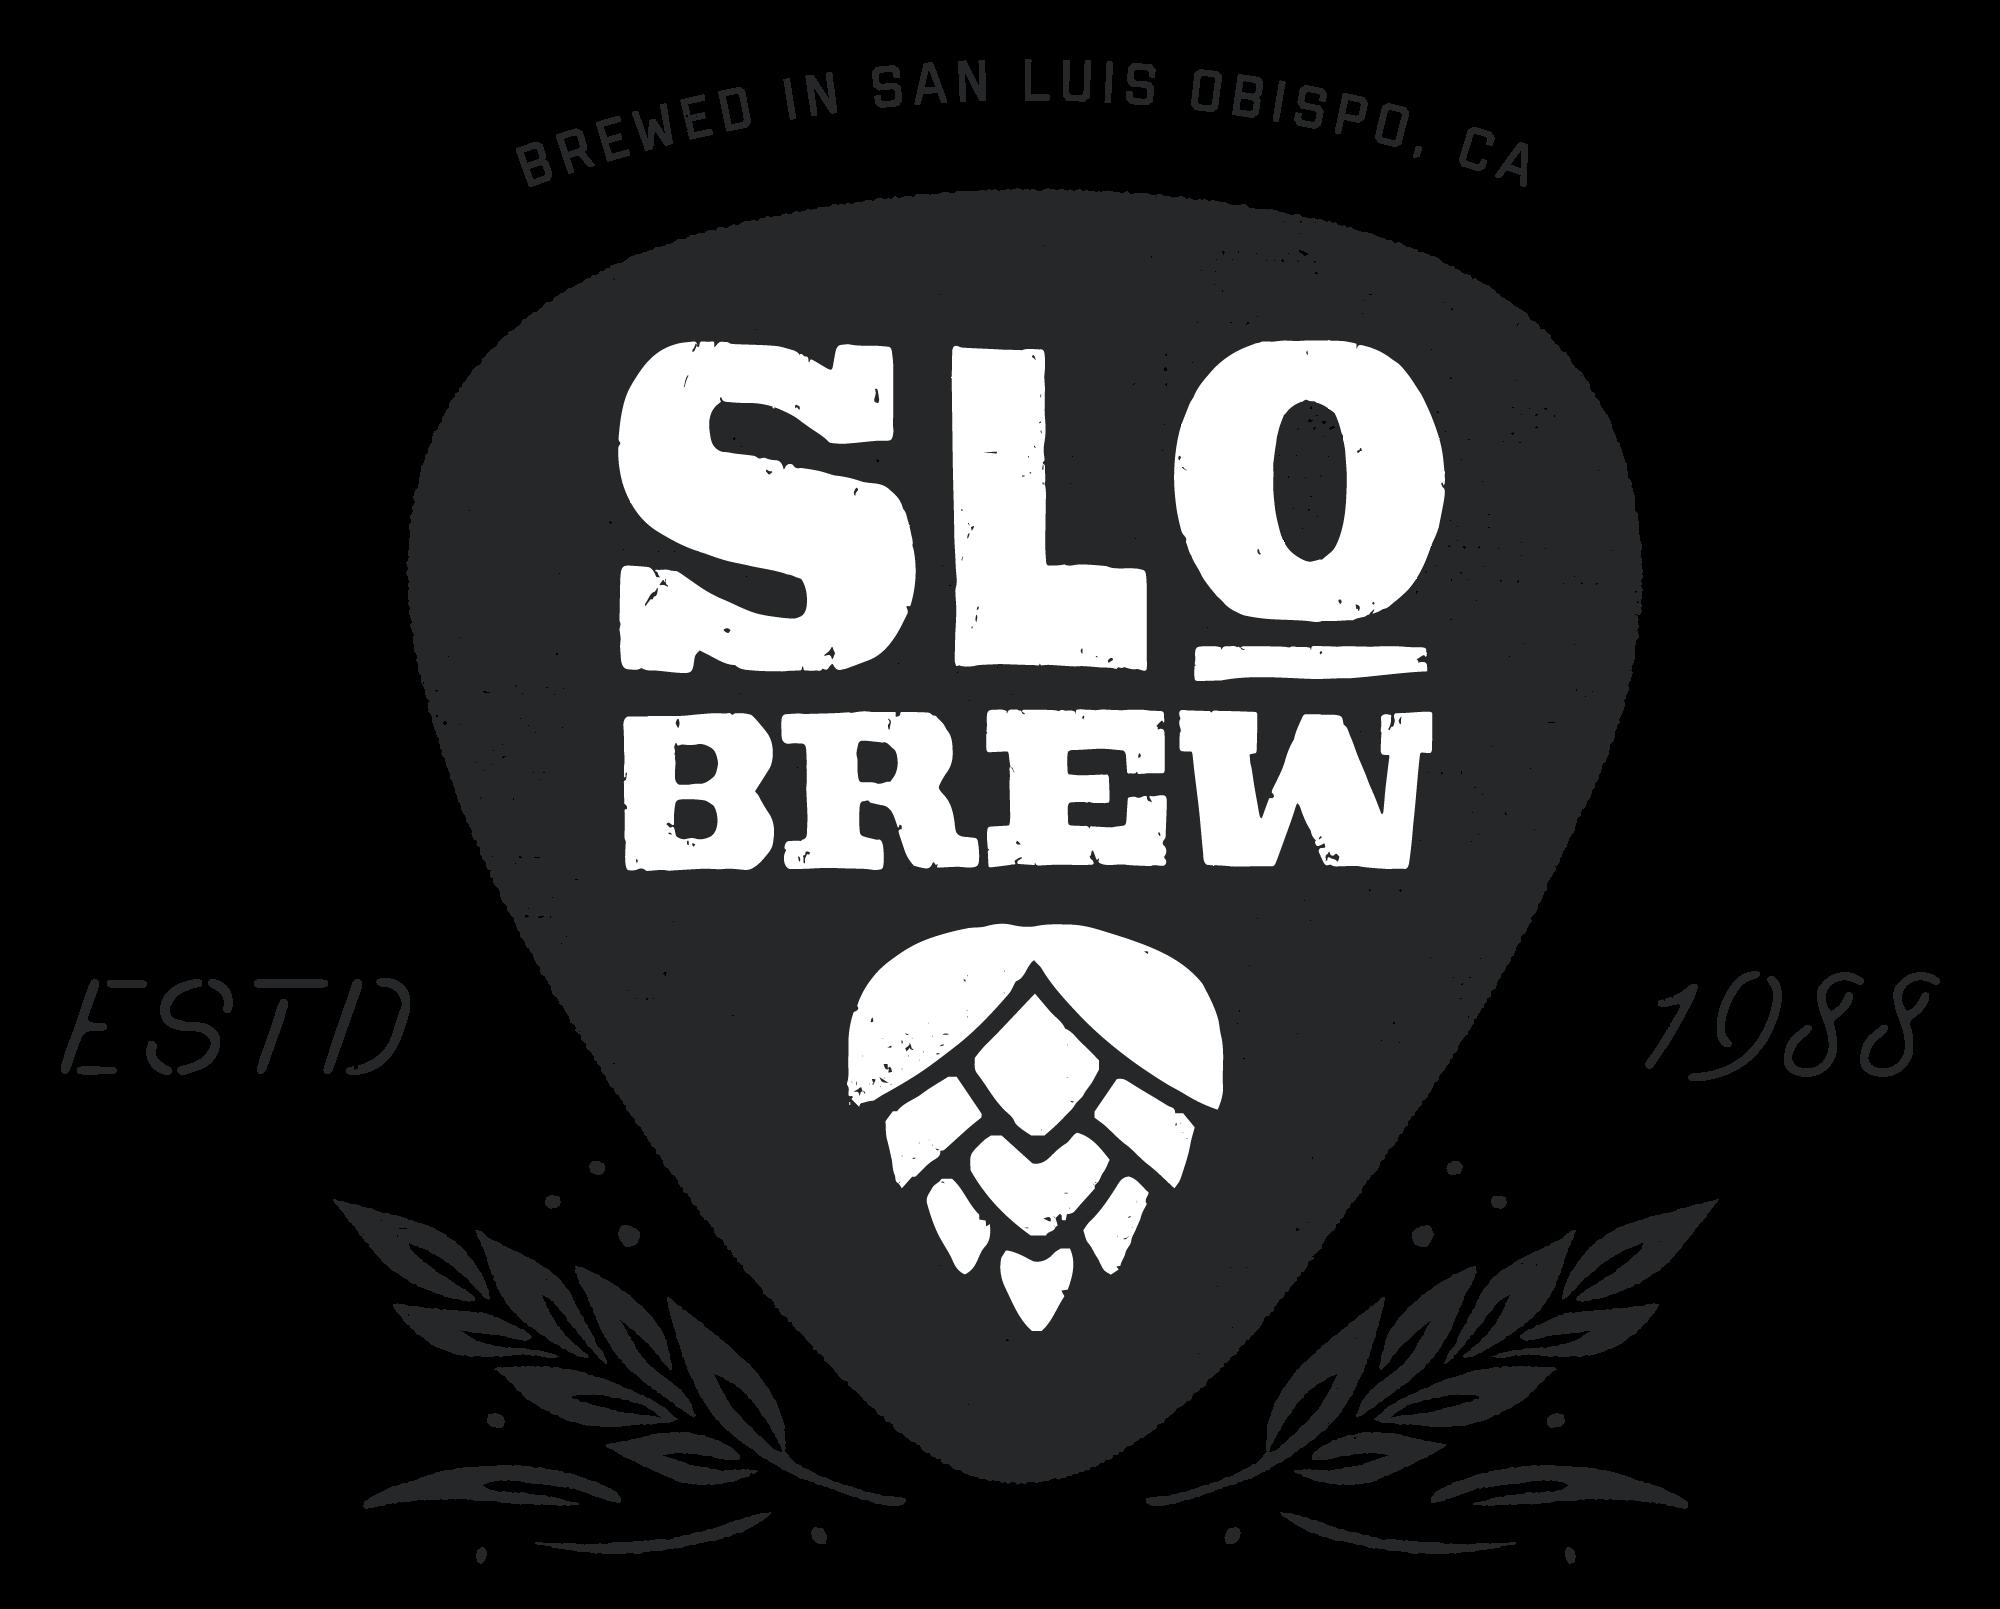 SLO-Brew-Estd (3).png